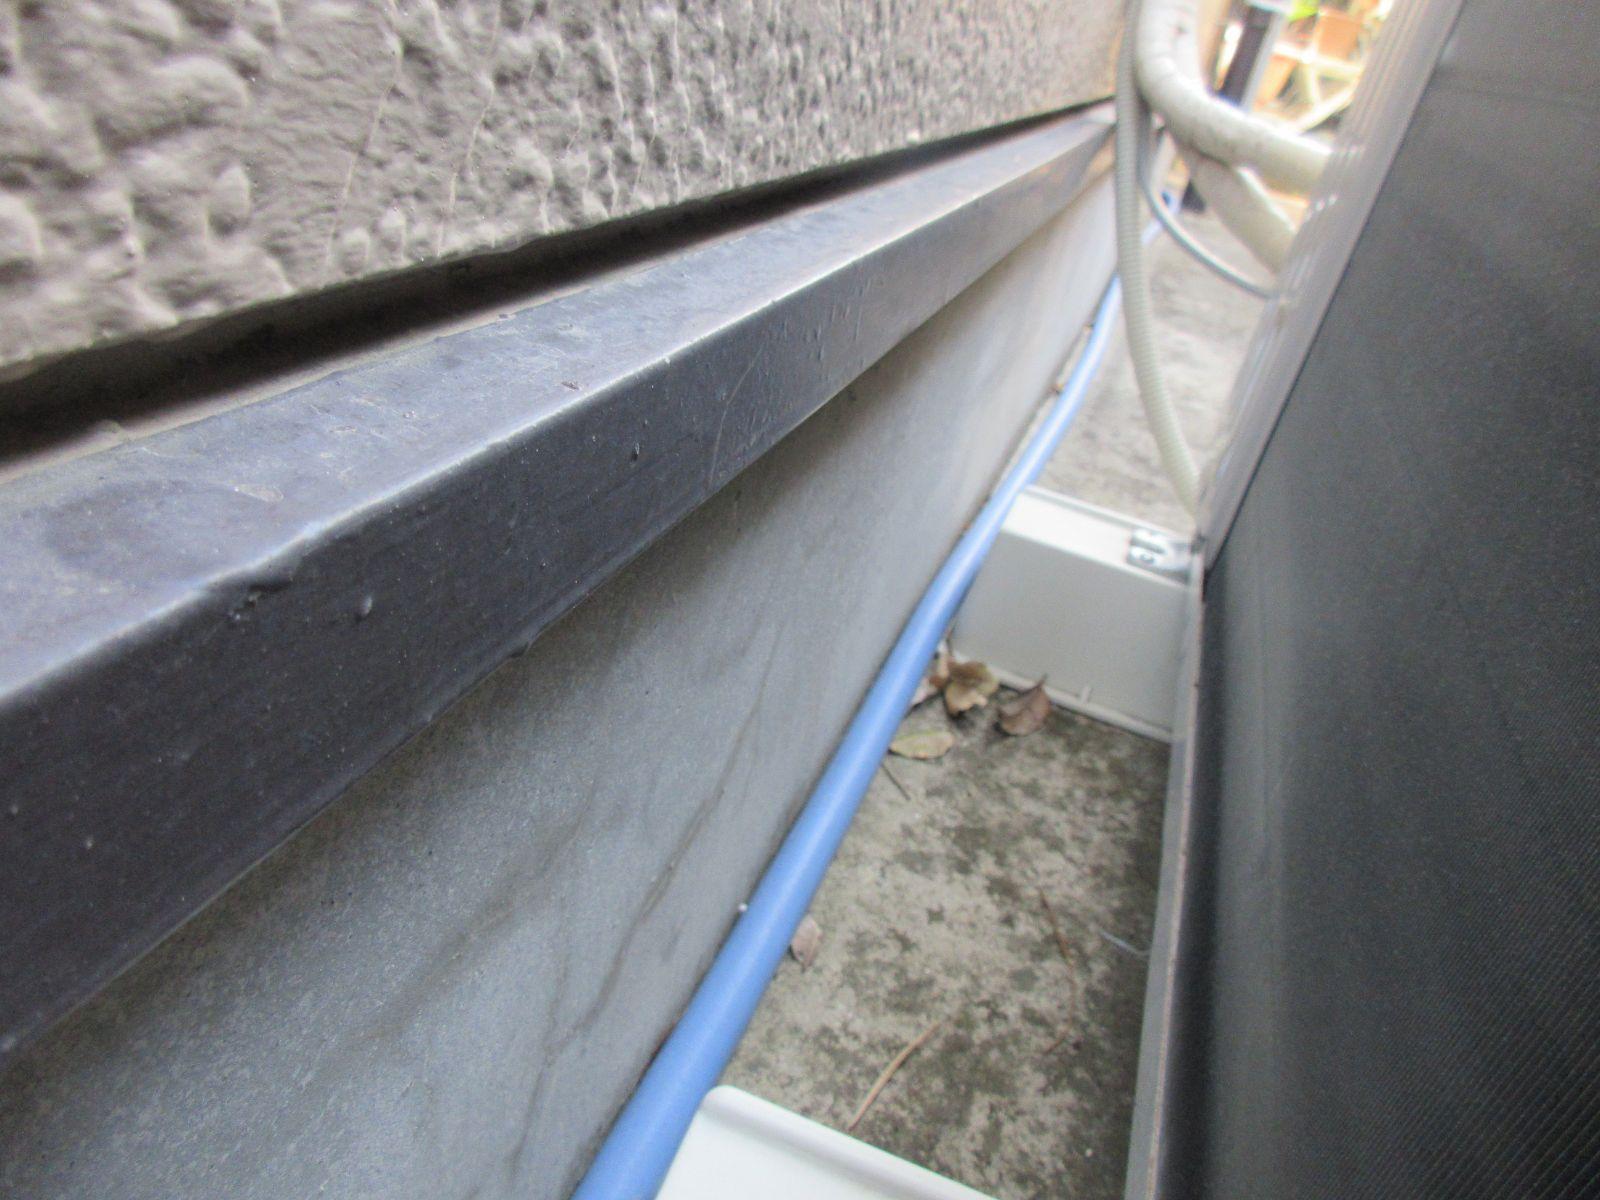 【紀の川市】外壁塗装・鼻隠し板金カバー工法(木部→ガルバリウム鋼板)工事・N様邸                      『外壁と各部分の施工で新築時の美しさへ、、♪』 17